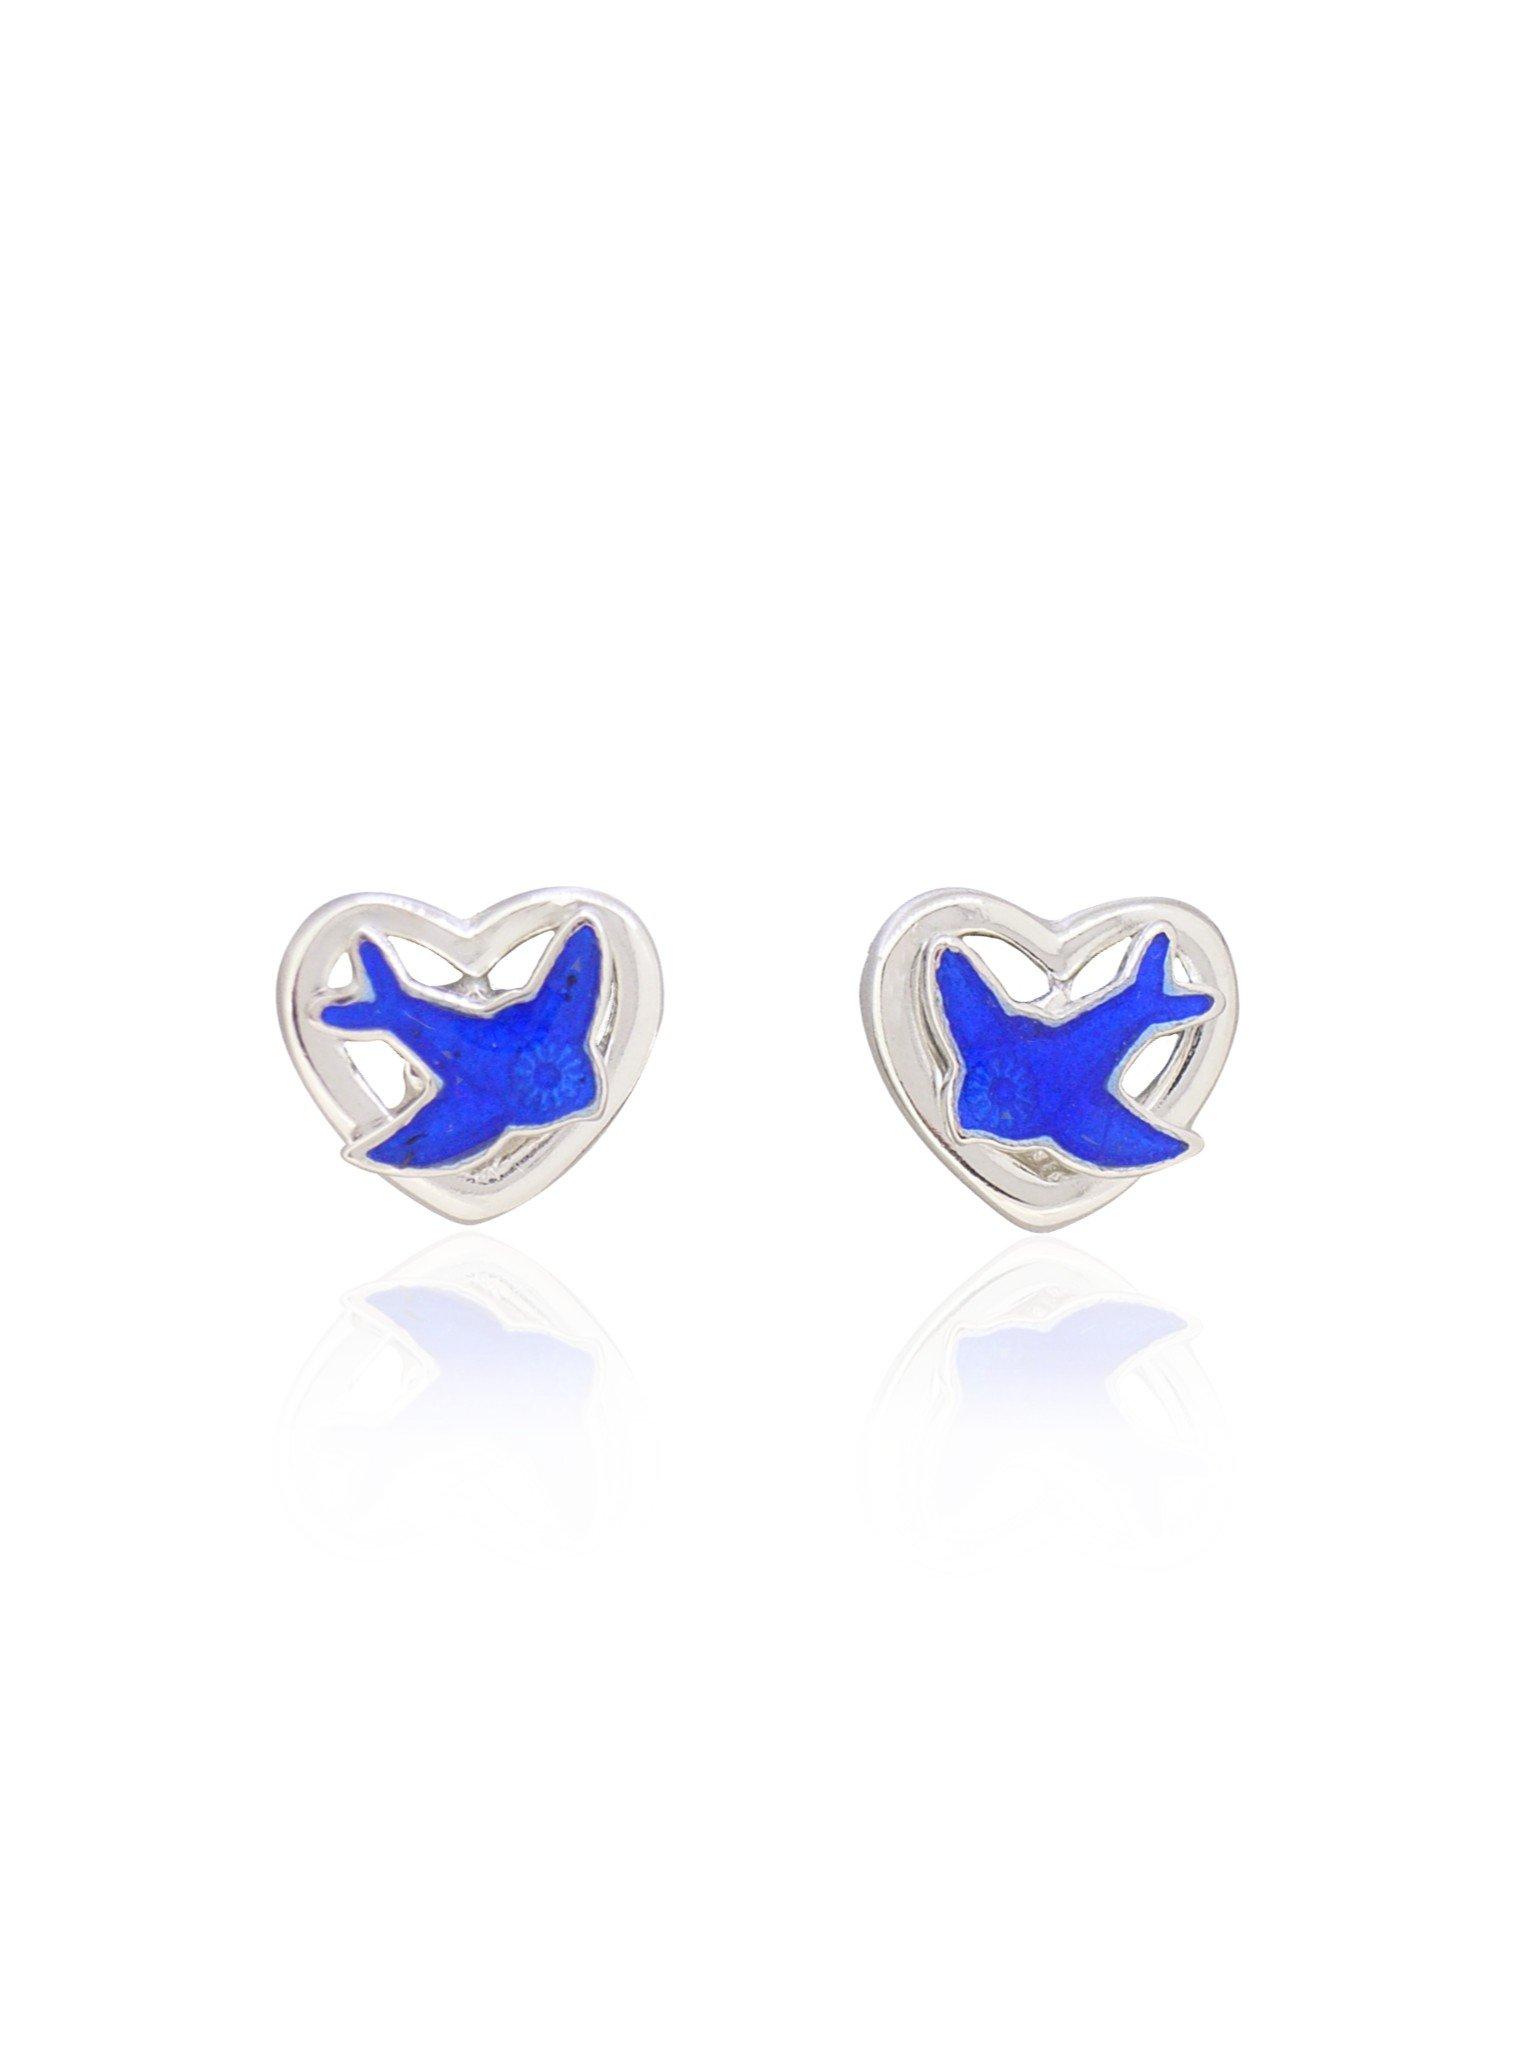 Bluebird Heart Charm Stud Earrings in Sterling Silver